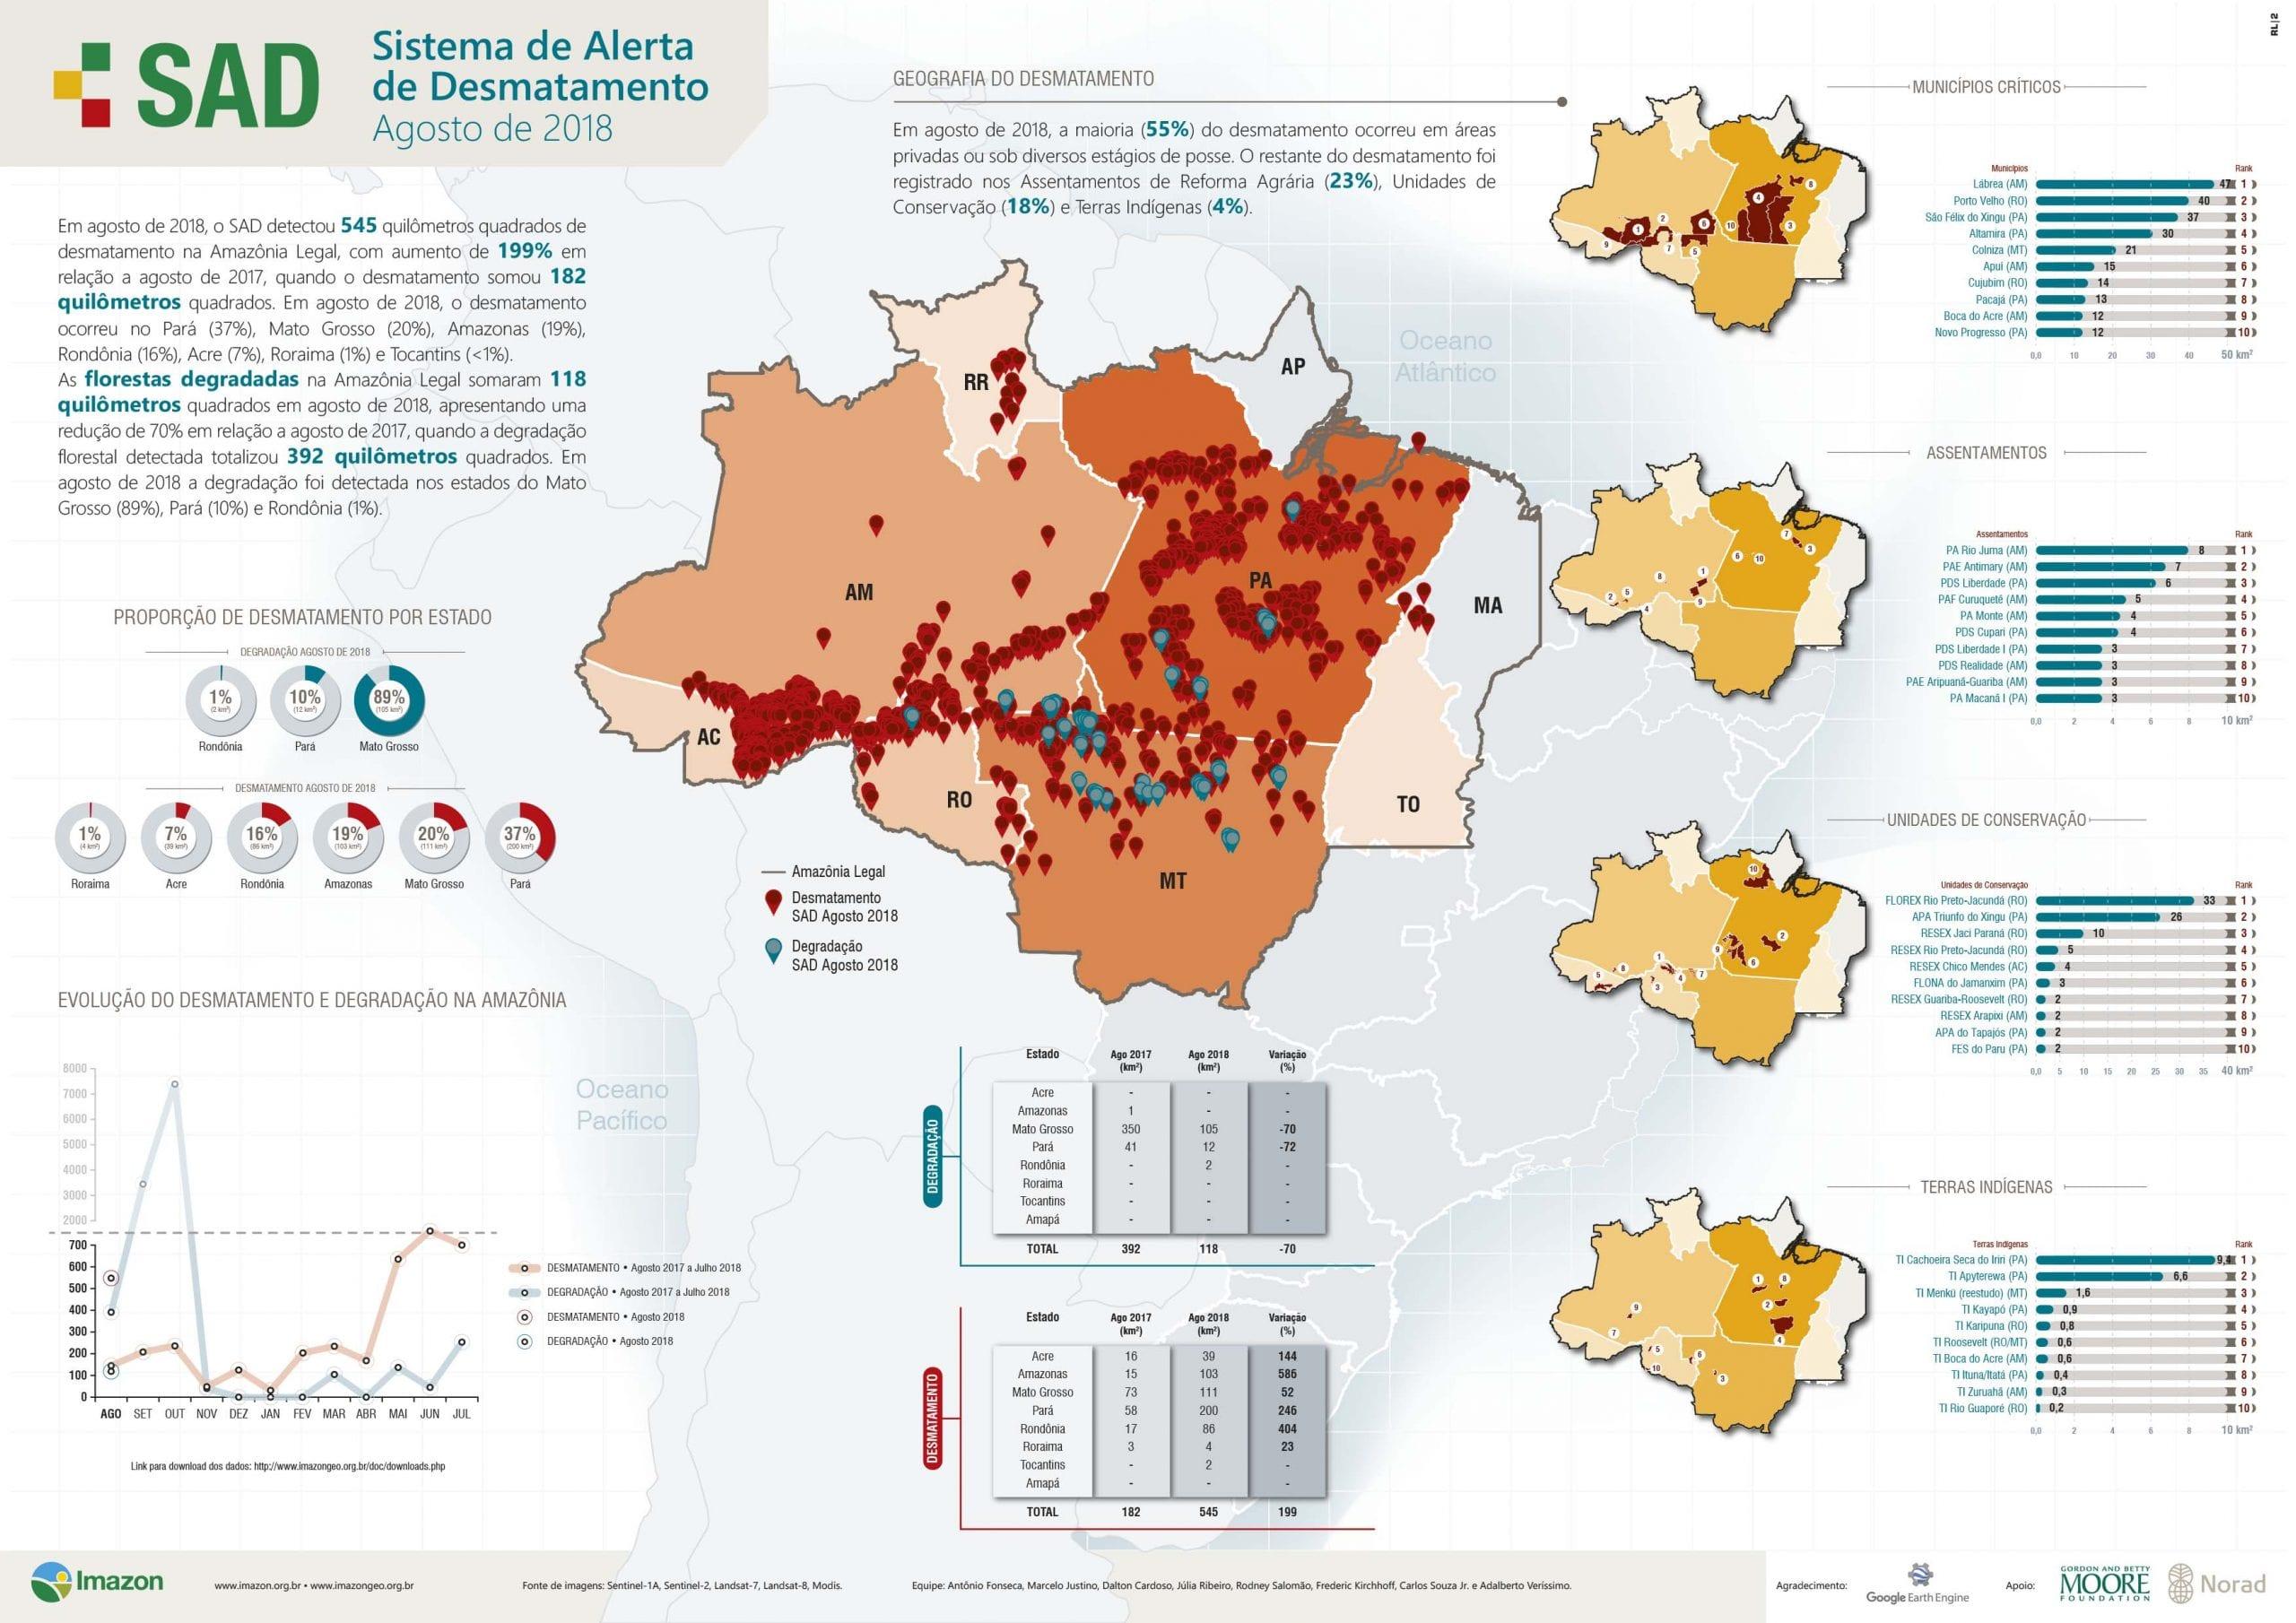 SAD agosto 2018 - Boletim do desmatamento da Amazônia Legal (agosto 2018) SAD